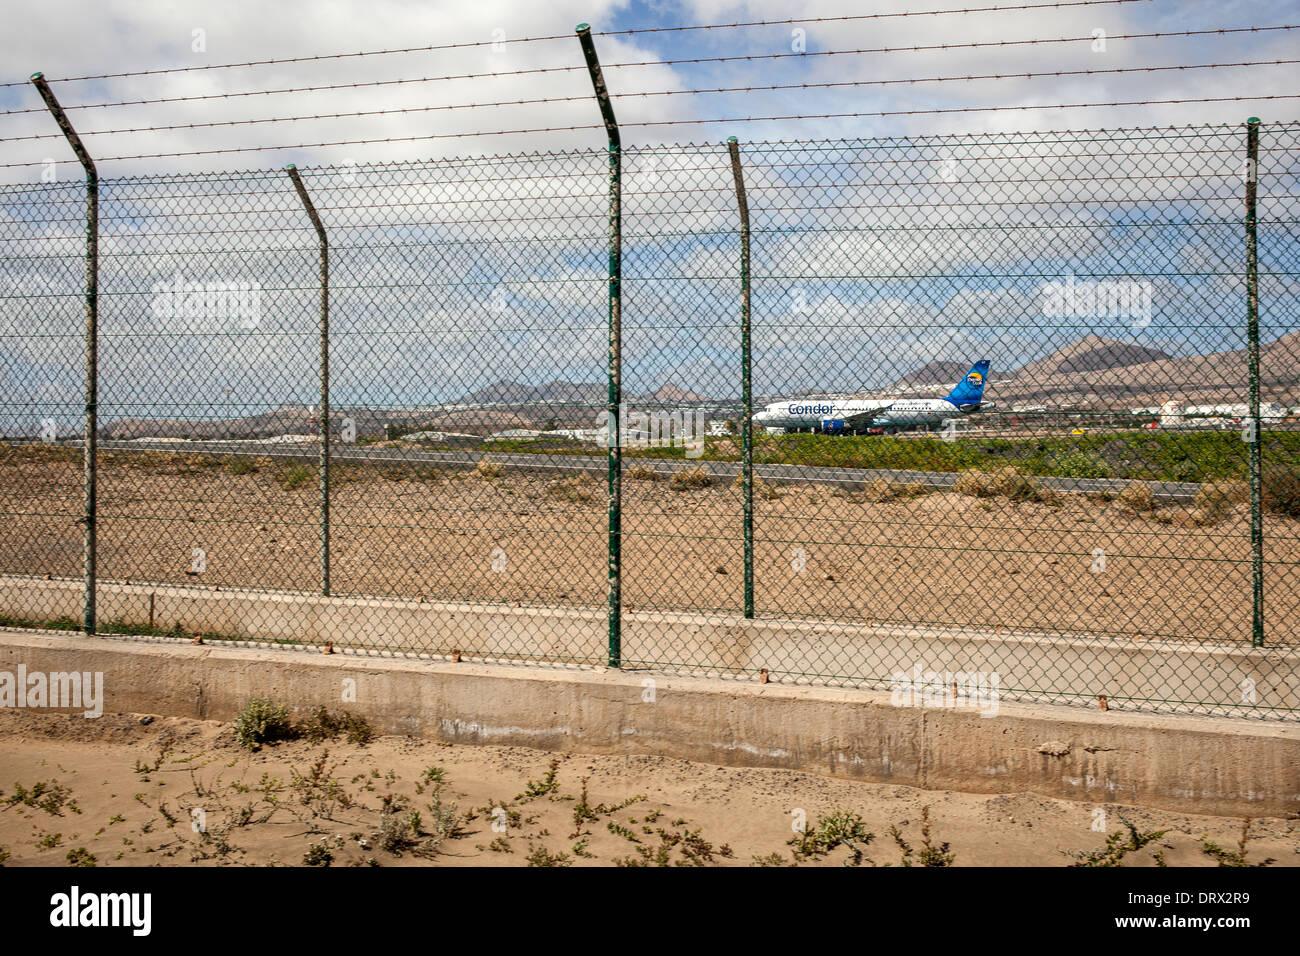 Condor Flugzeug warten abheben am Flughafen Lanzarote Stockbild